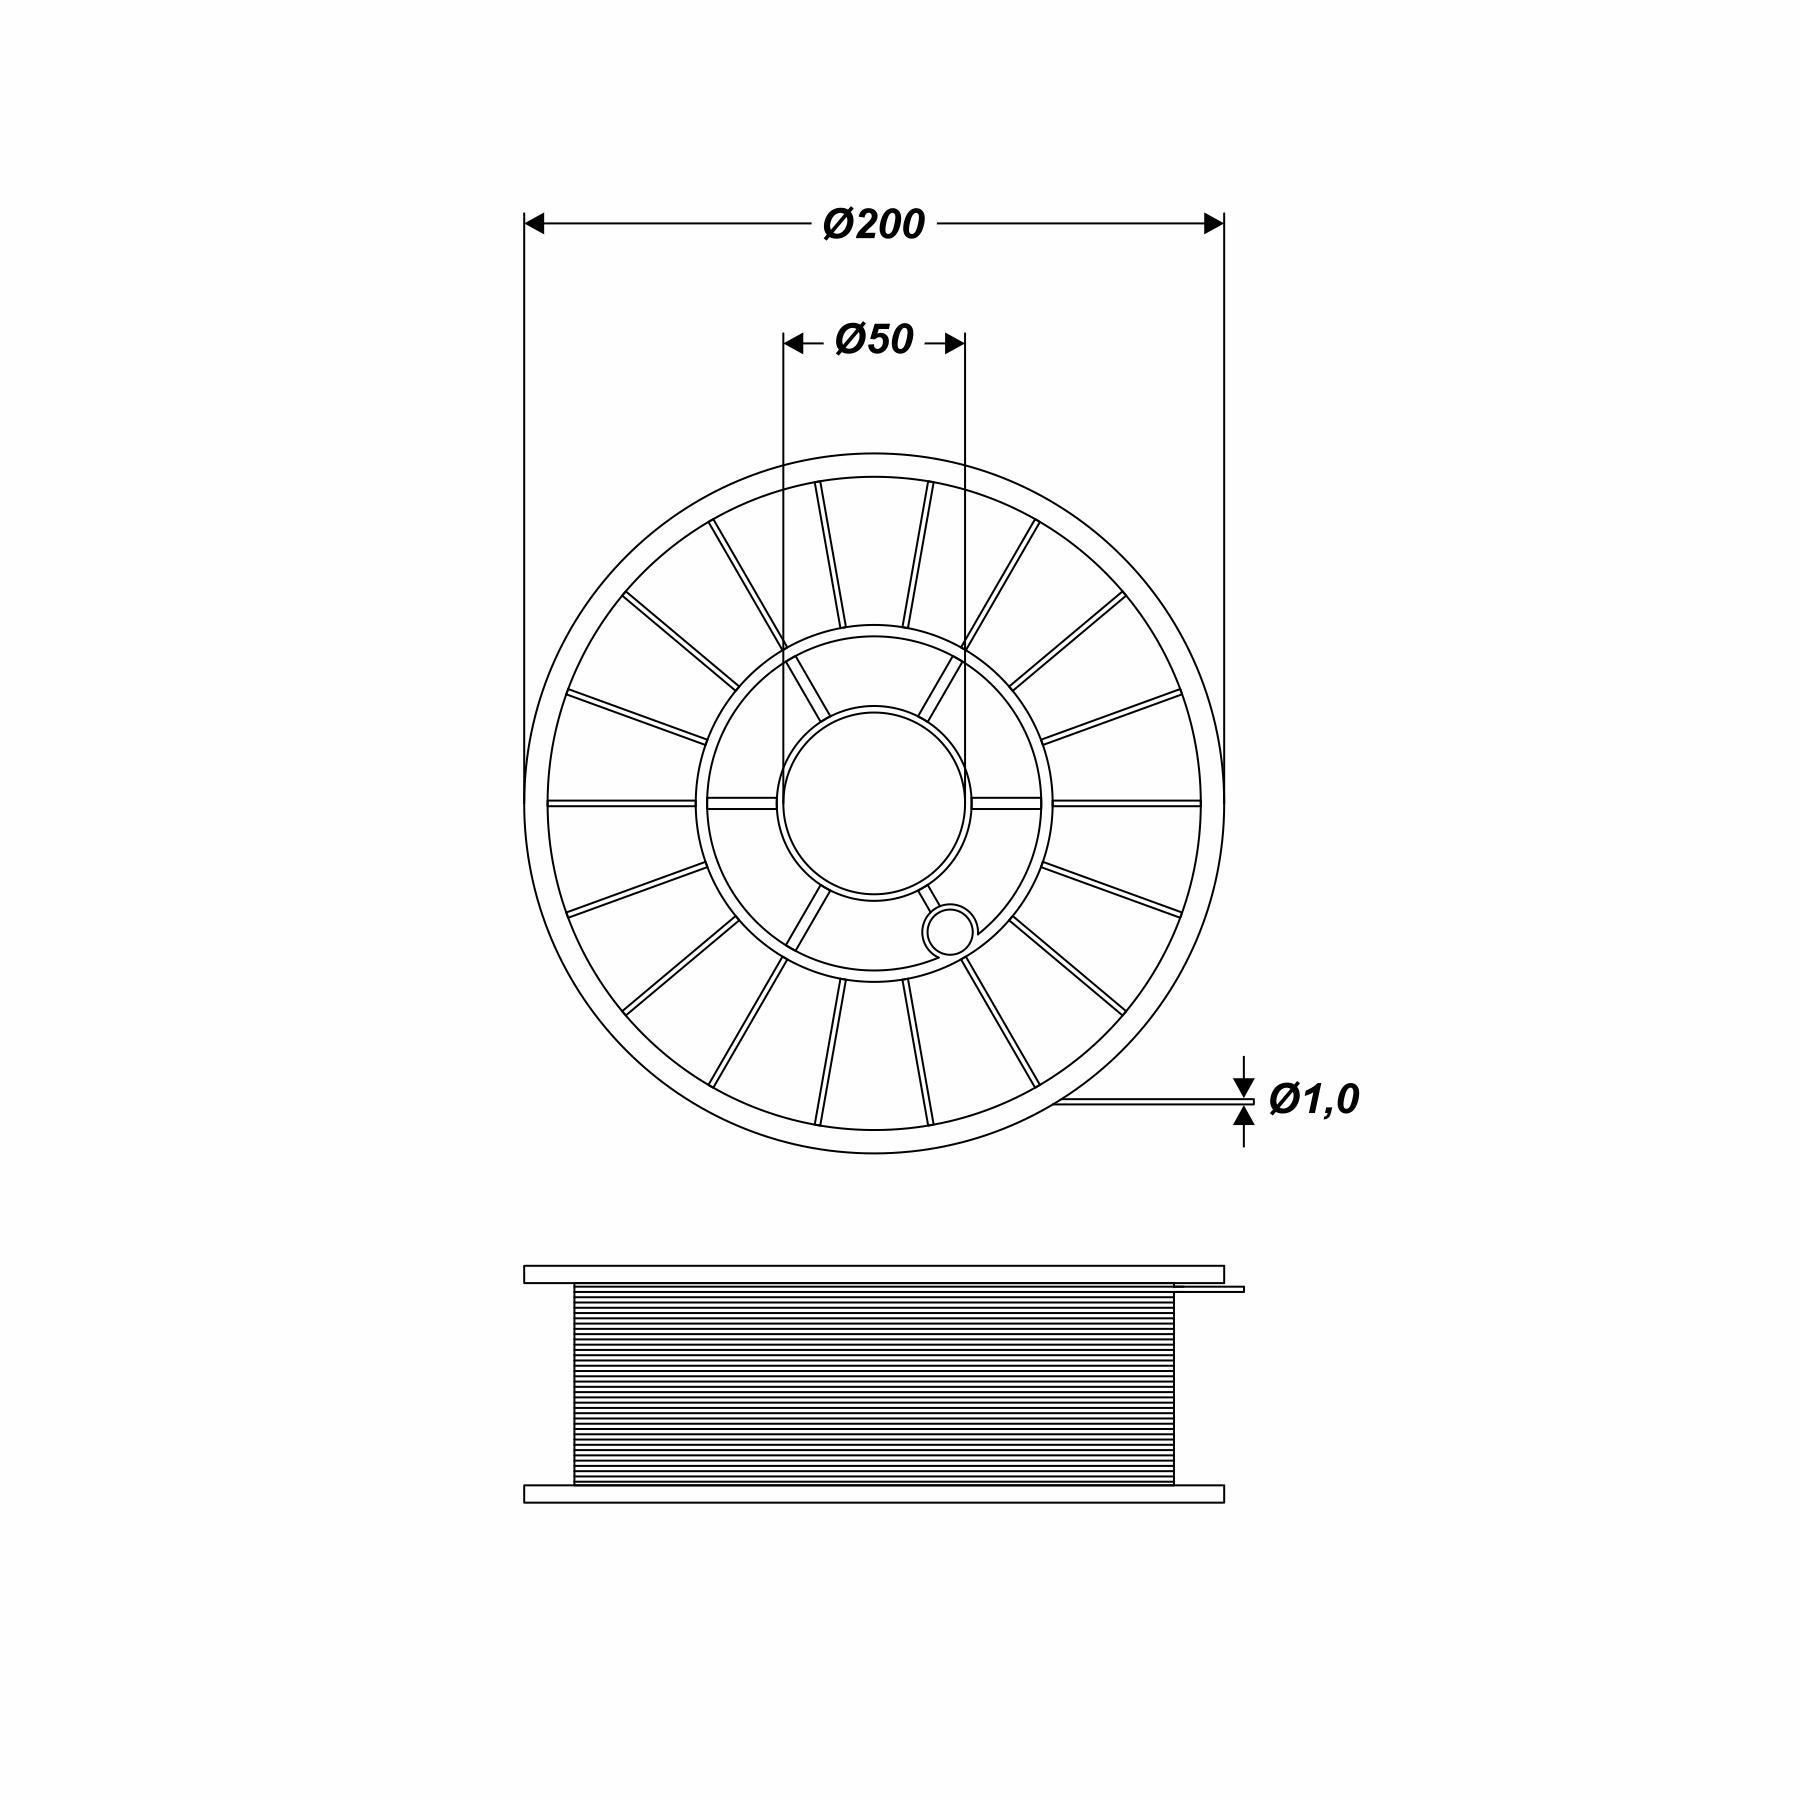 1 Rôle sg2 x 1,0 mm soudage fil 5 kg 20 cm-MIG MAG soudage débosselage Fil